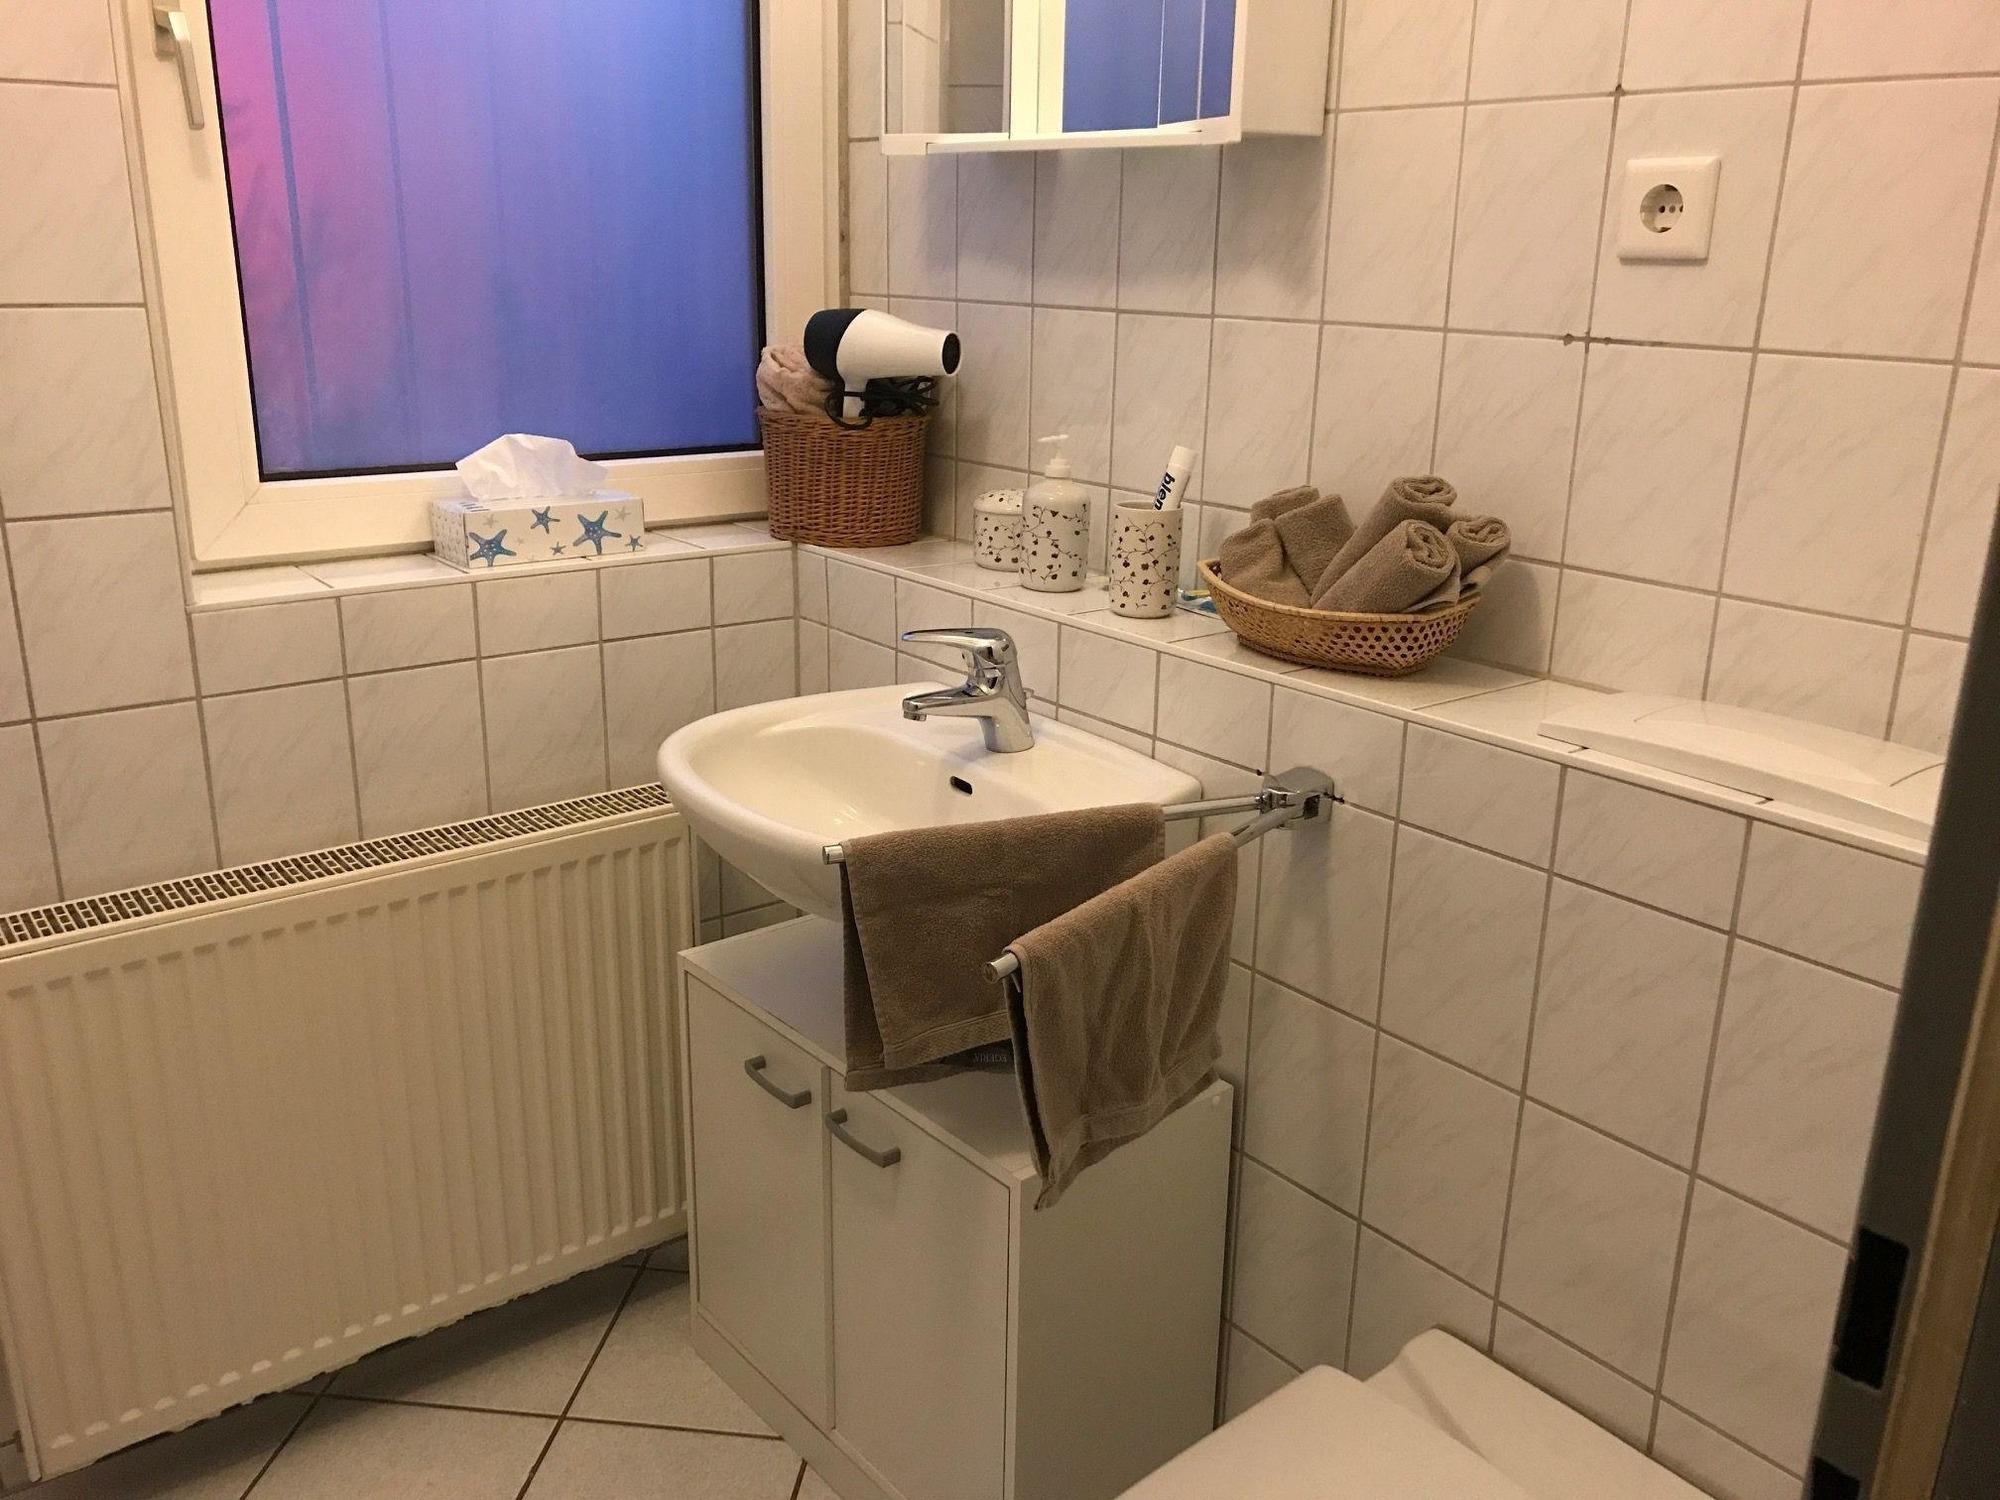 Ferienwohnung 2 Zimmer Möblierte Wohnung mit Terrasse (2656522), Wuppertal, Bergisches Land, Nordrhein-Westfalen, Deutschland, Bild 3